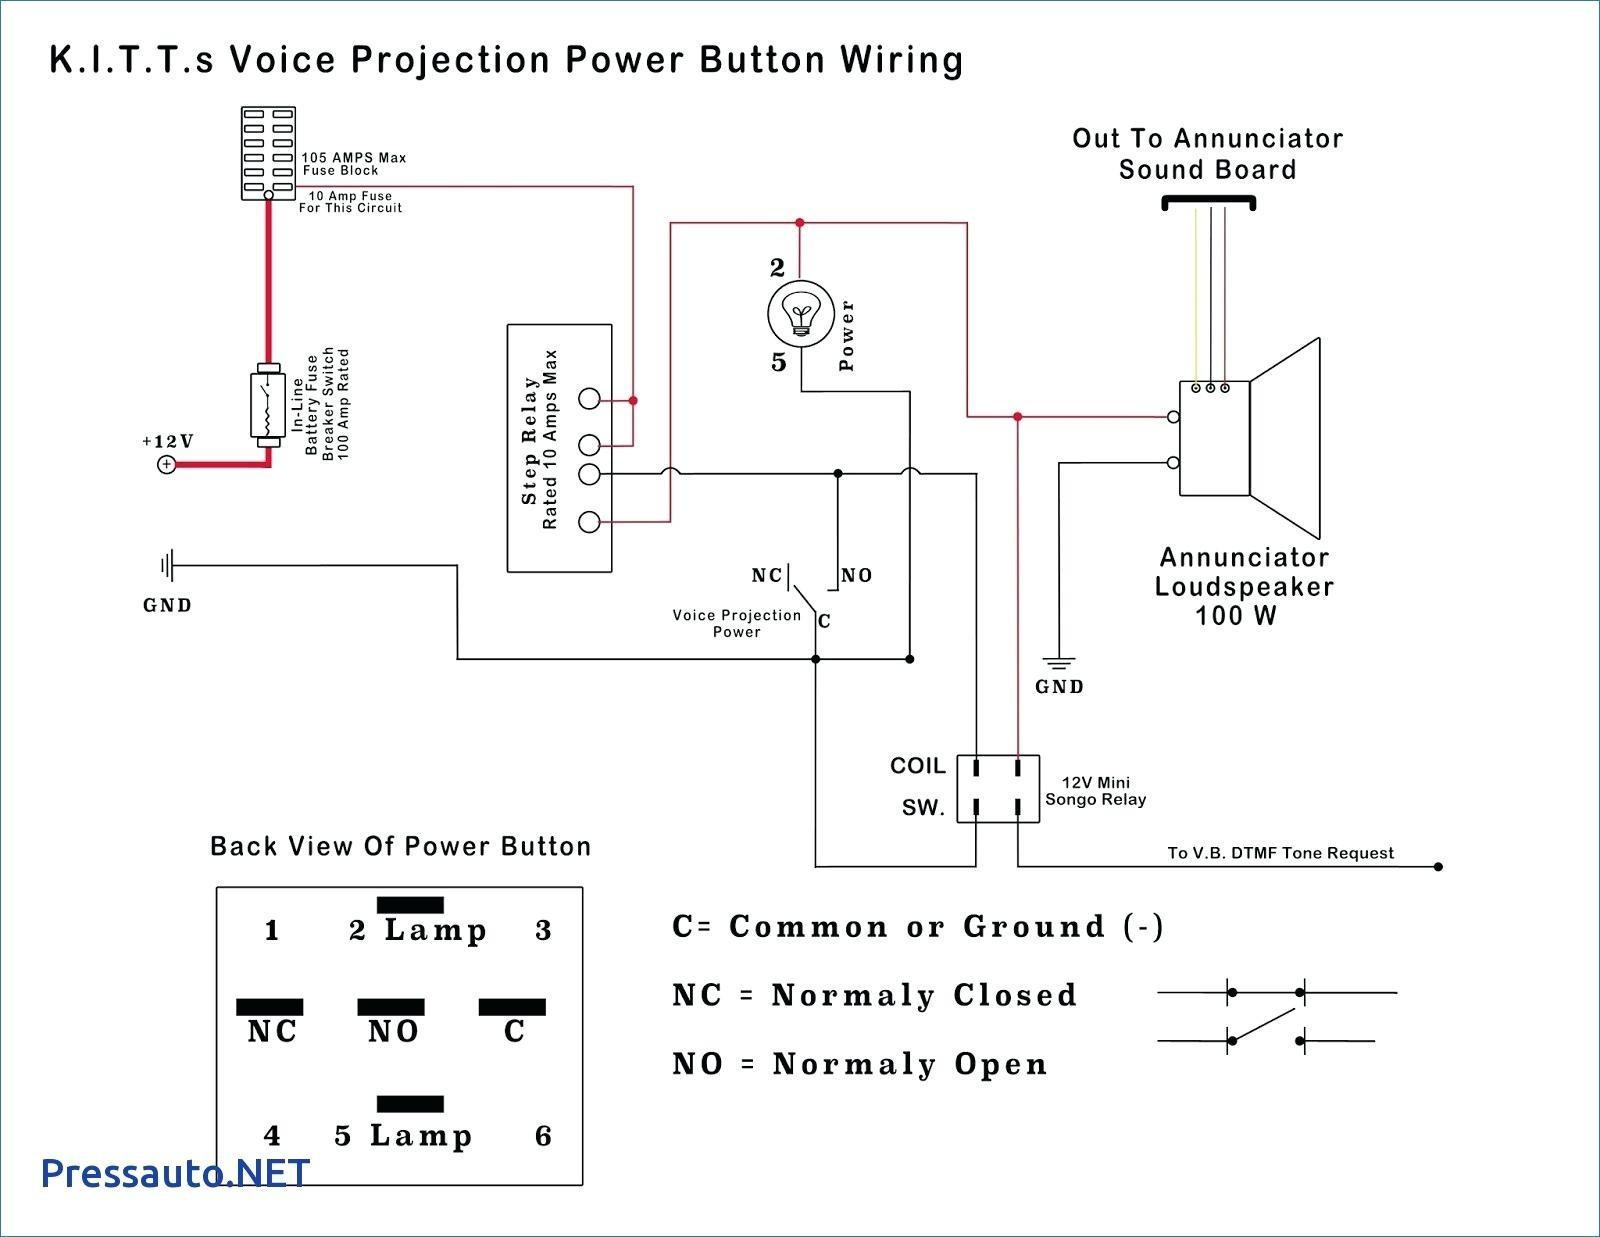 7 3 L Powerstroke Engine Diagram 7 3 Powerstroke Glow Plug Relay Wiring Diagram Inspirational Wiring Of 7 3 L Powerstroke Engine Diagram